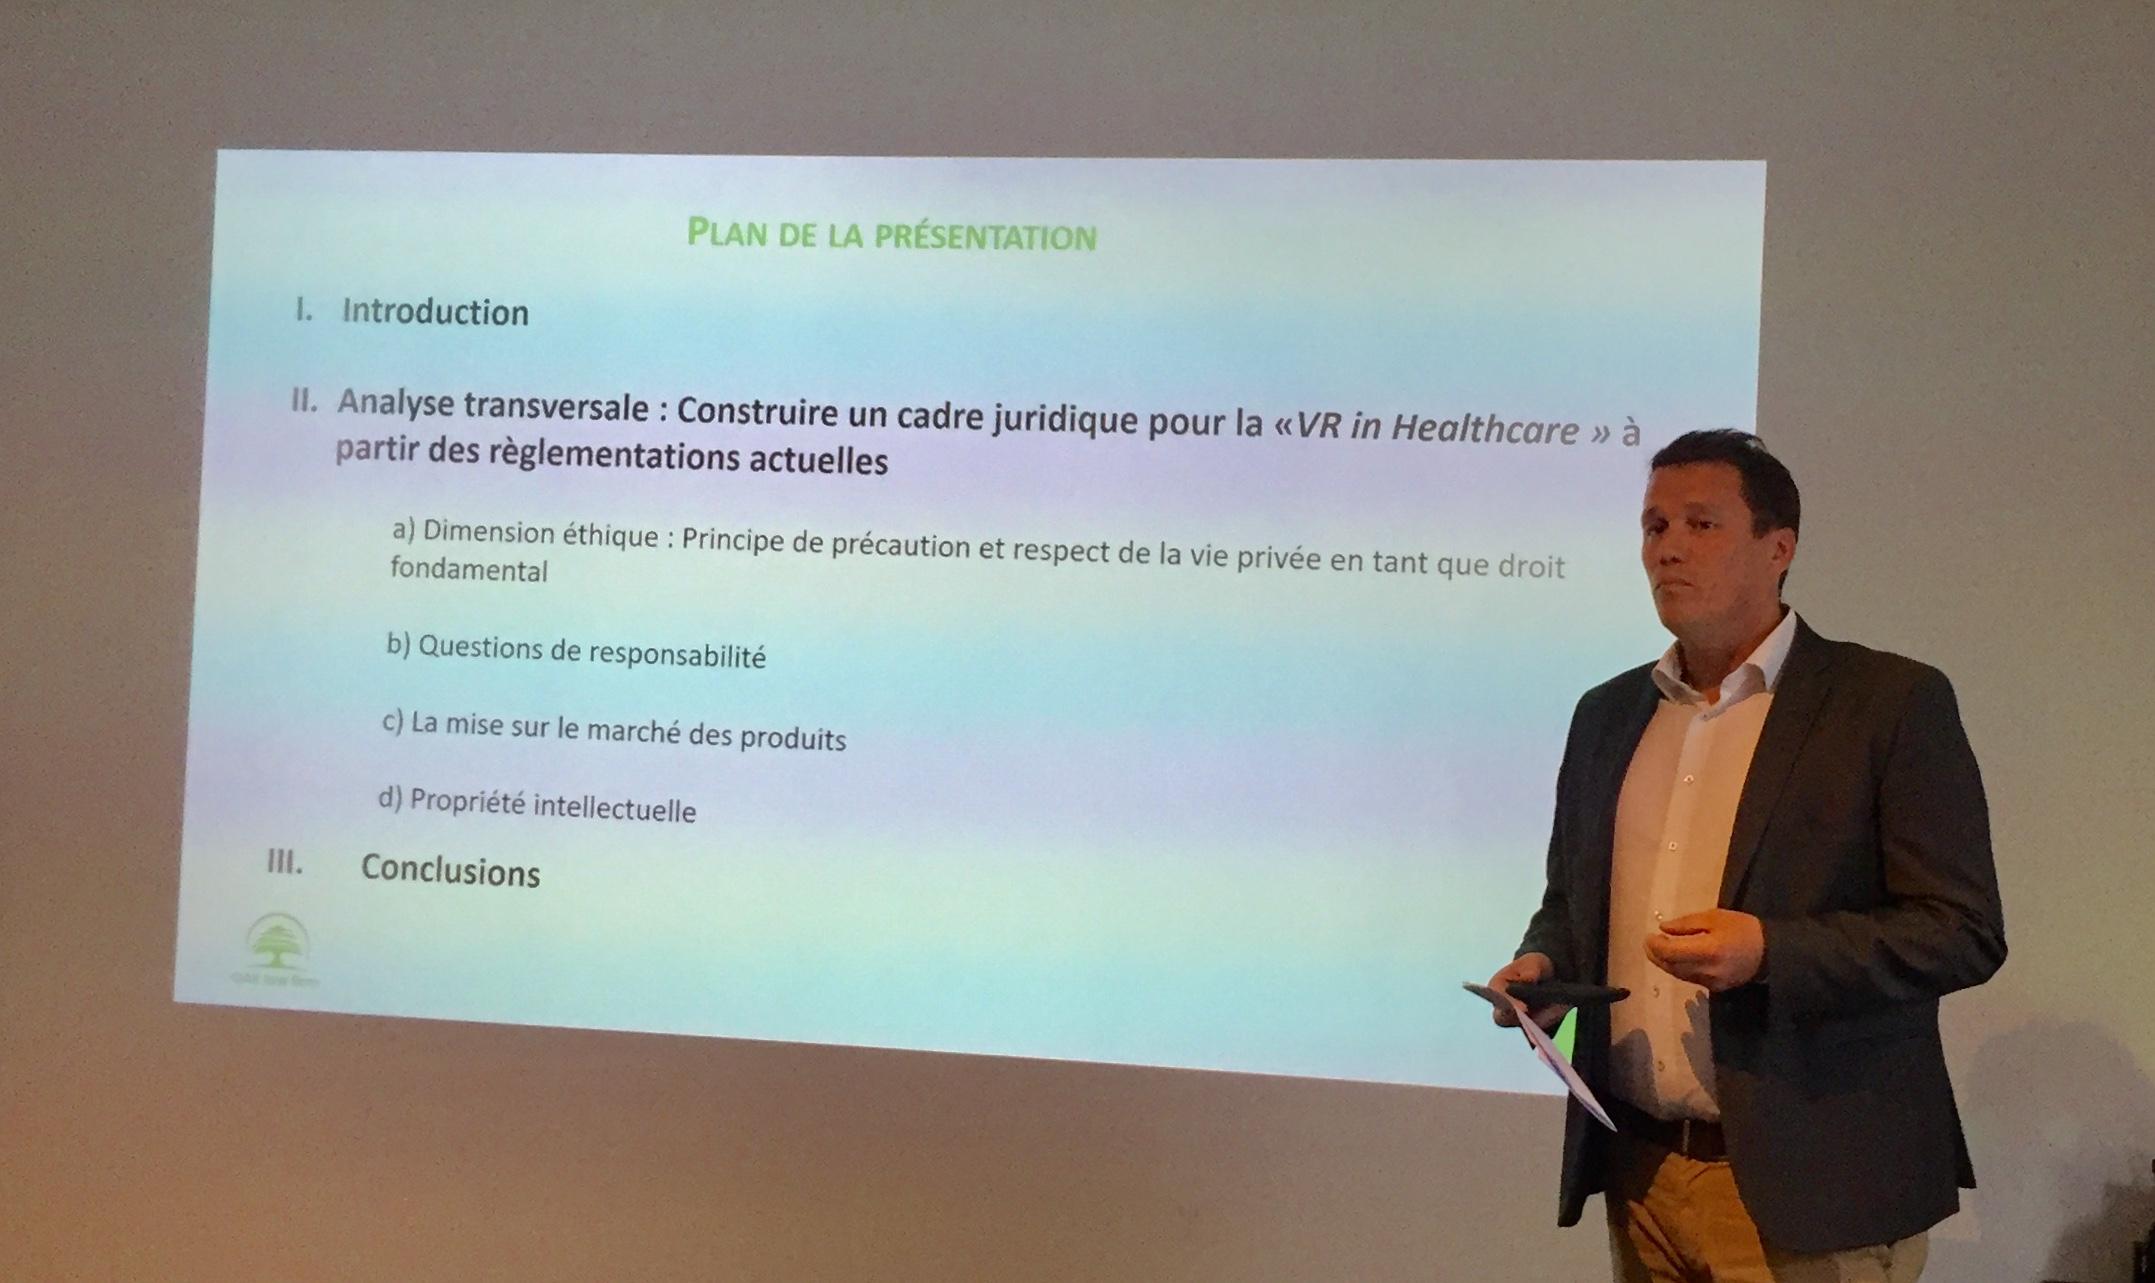 Lors des rencontres catalyse, Pierre-François Van Den Driesche a posé le questionnement de la responsabilité légale de la VR/AR en santé